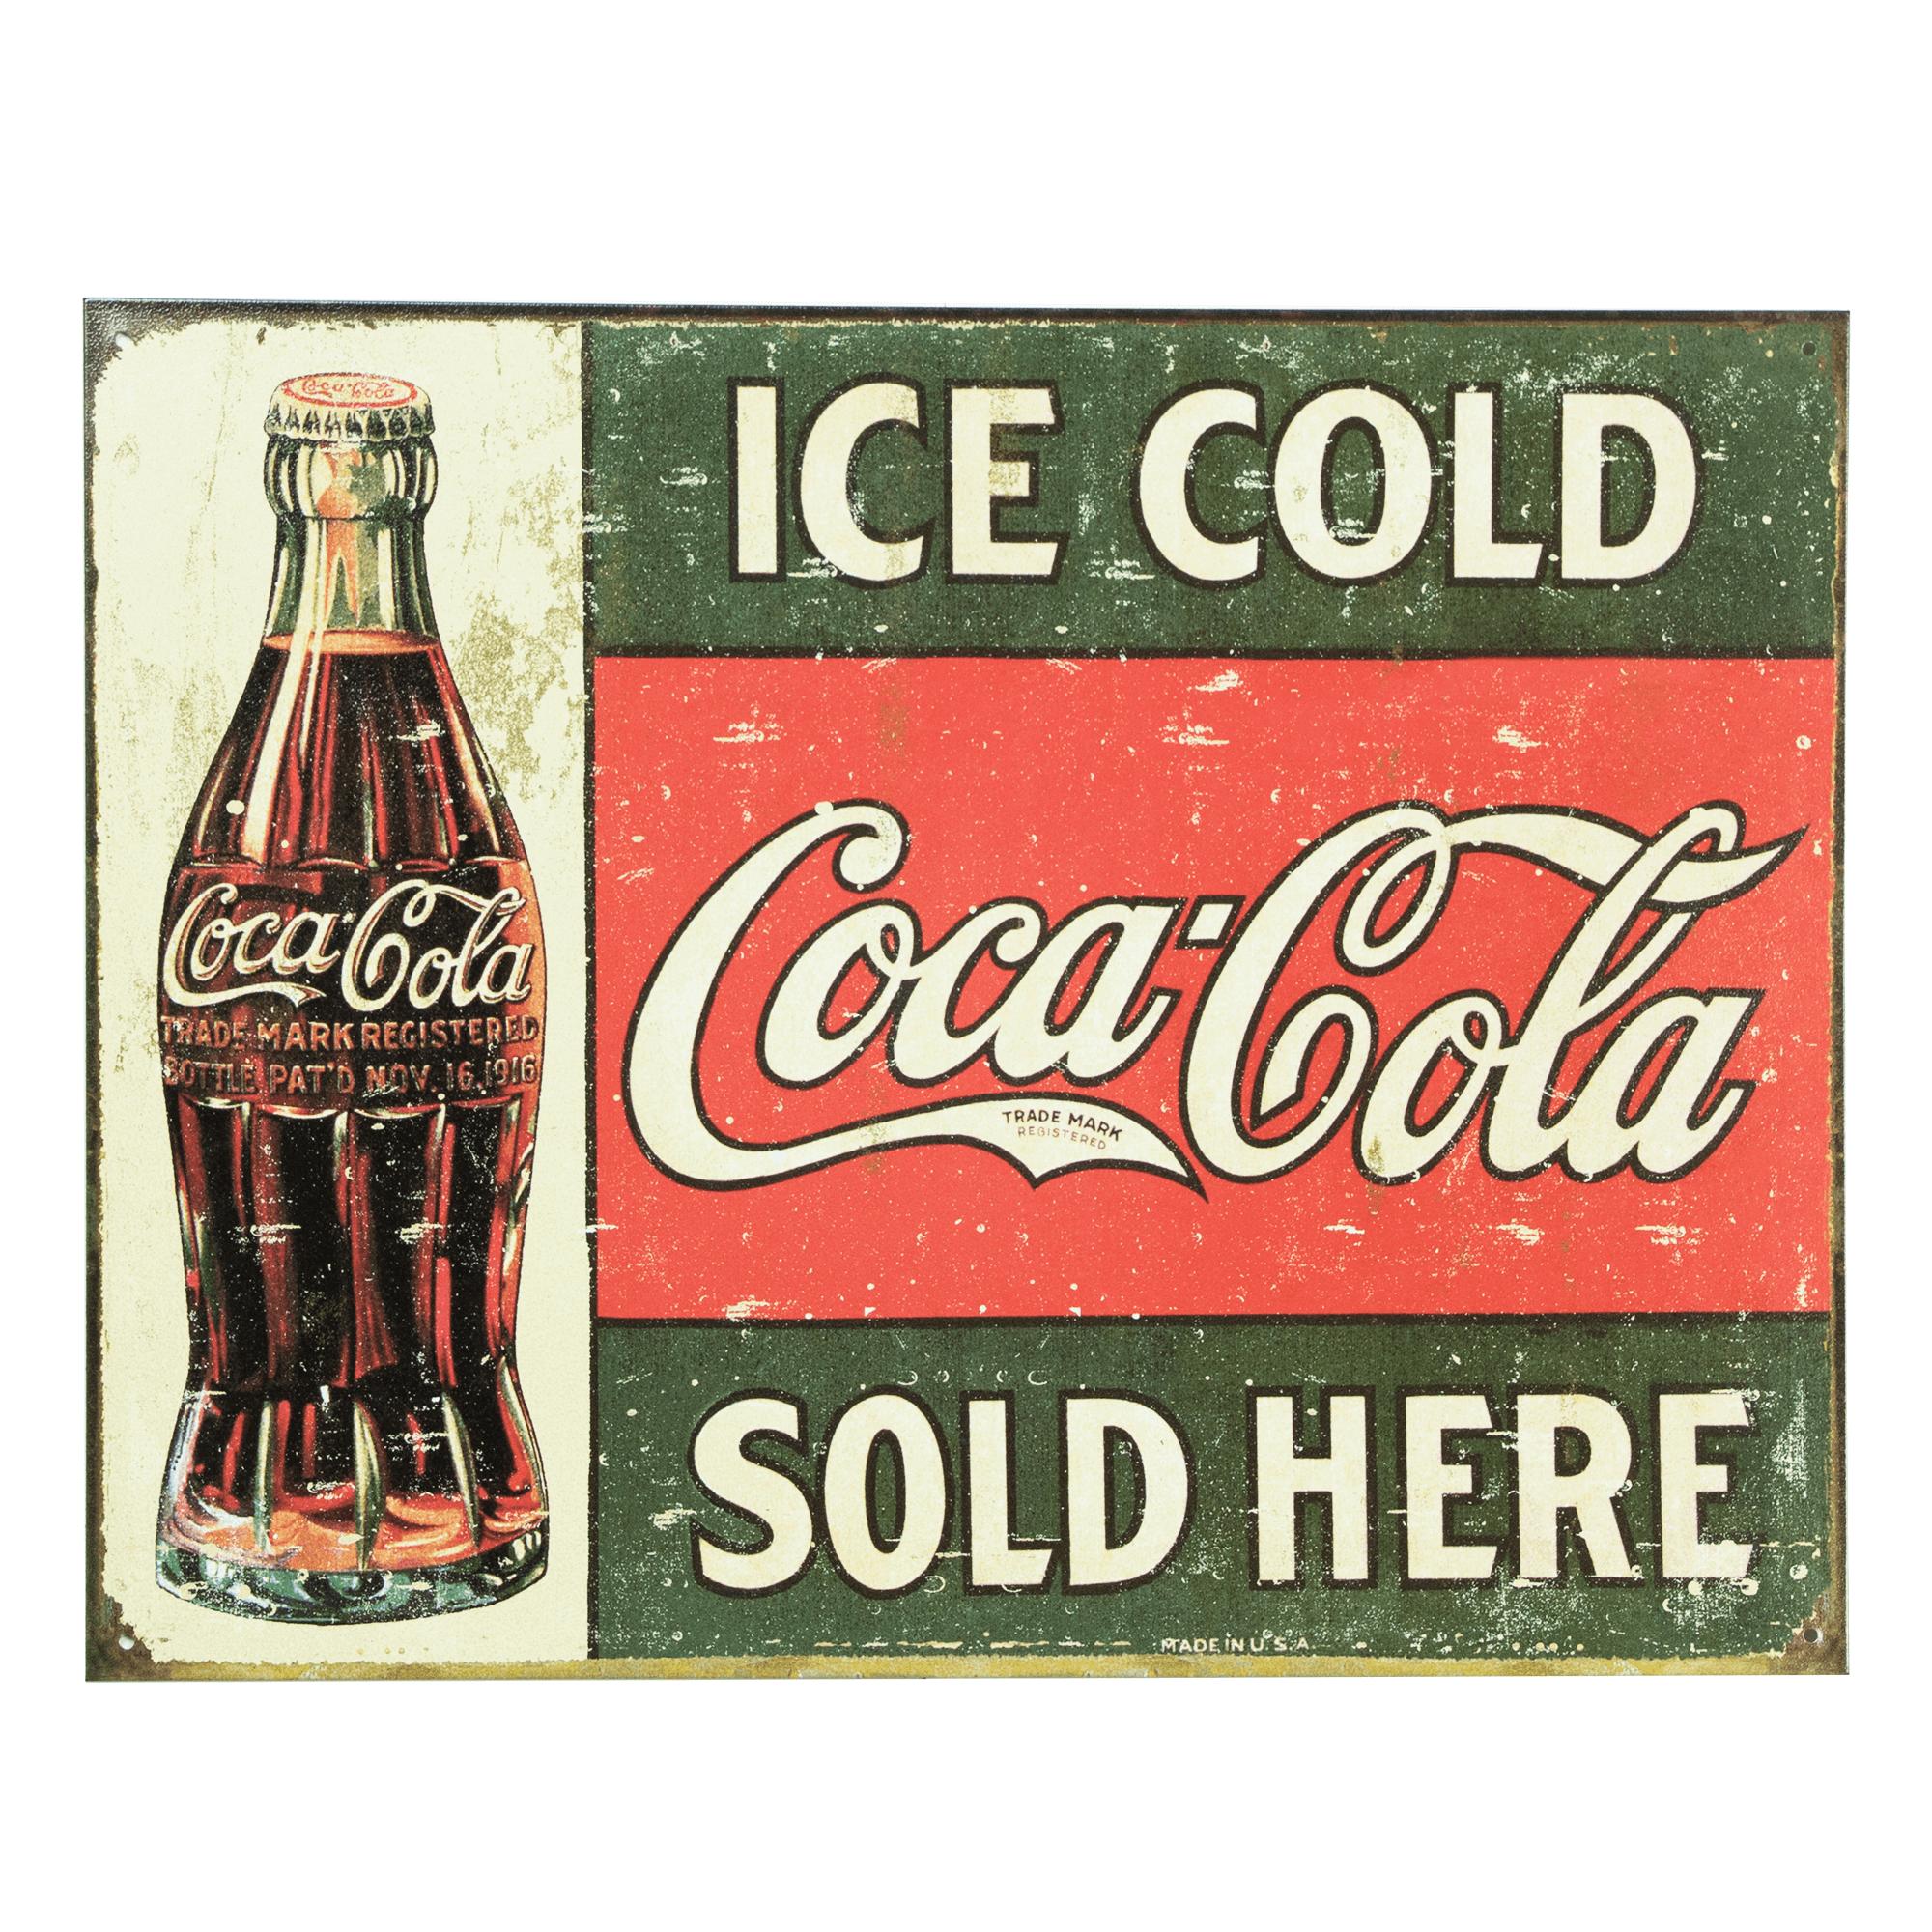 Coca Cola Coke Bottle Round Advertising Vintage Retro Style Metal Tin Sign New